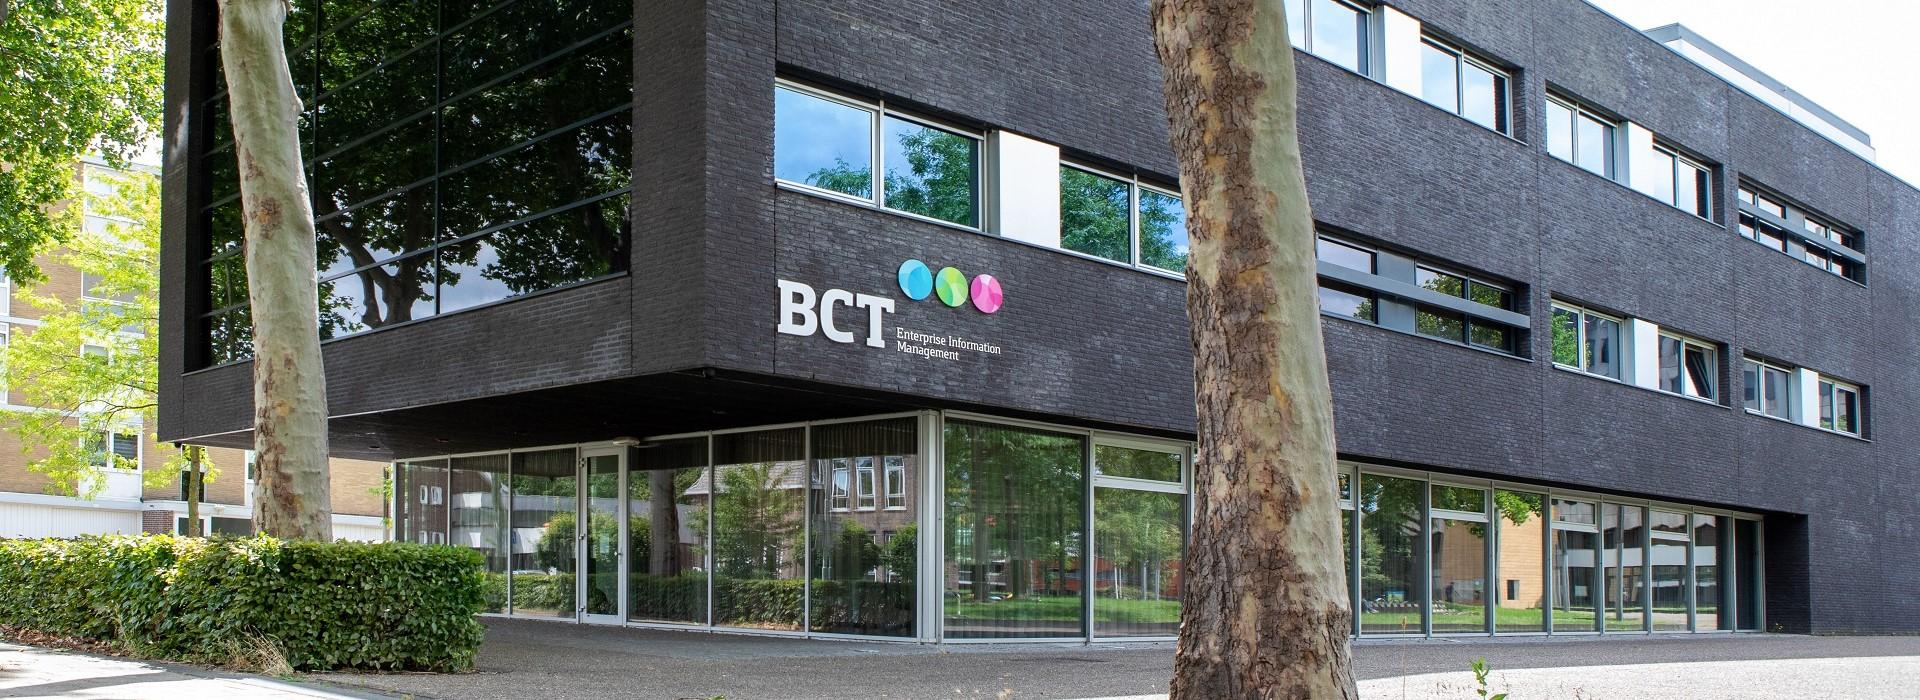 Meer weten over BCT